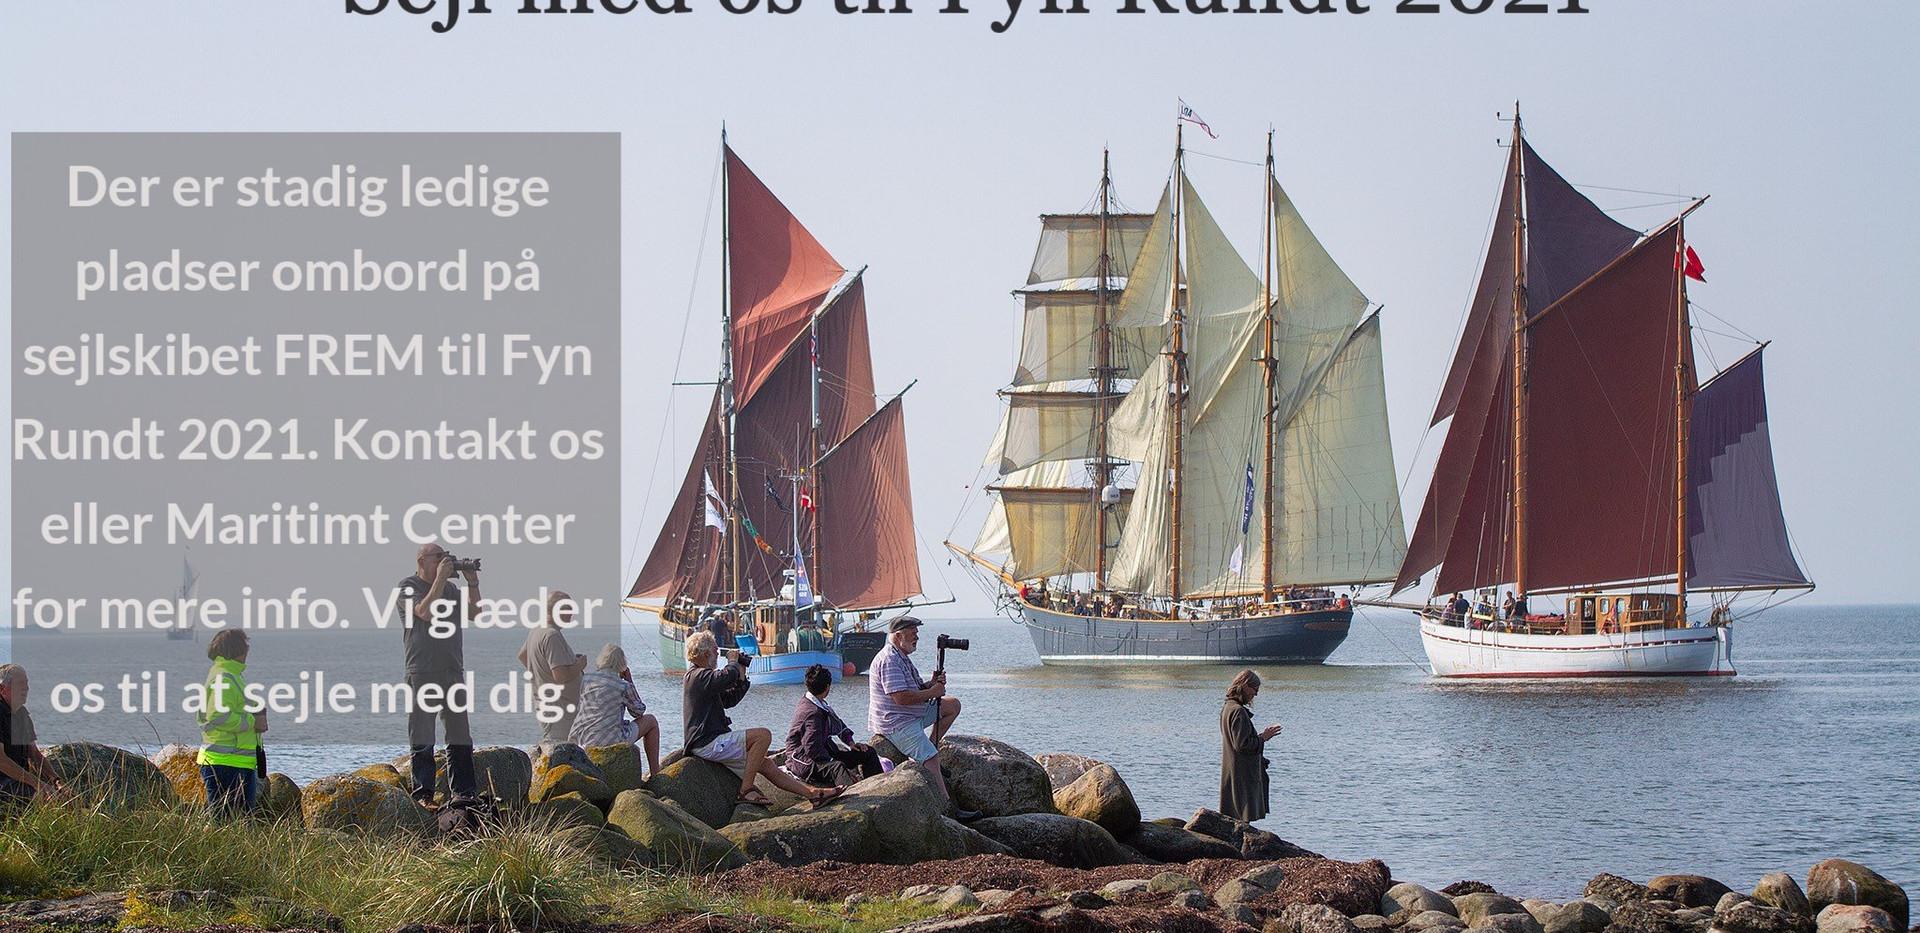 Sejlskibet FREM - Fyn Rundt 2021